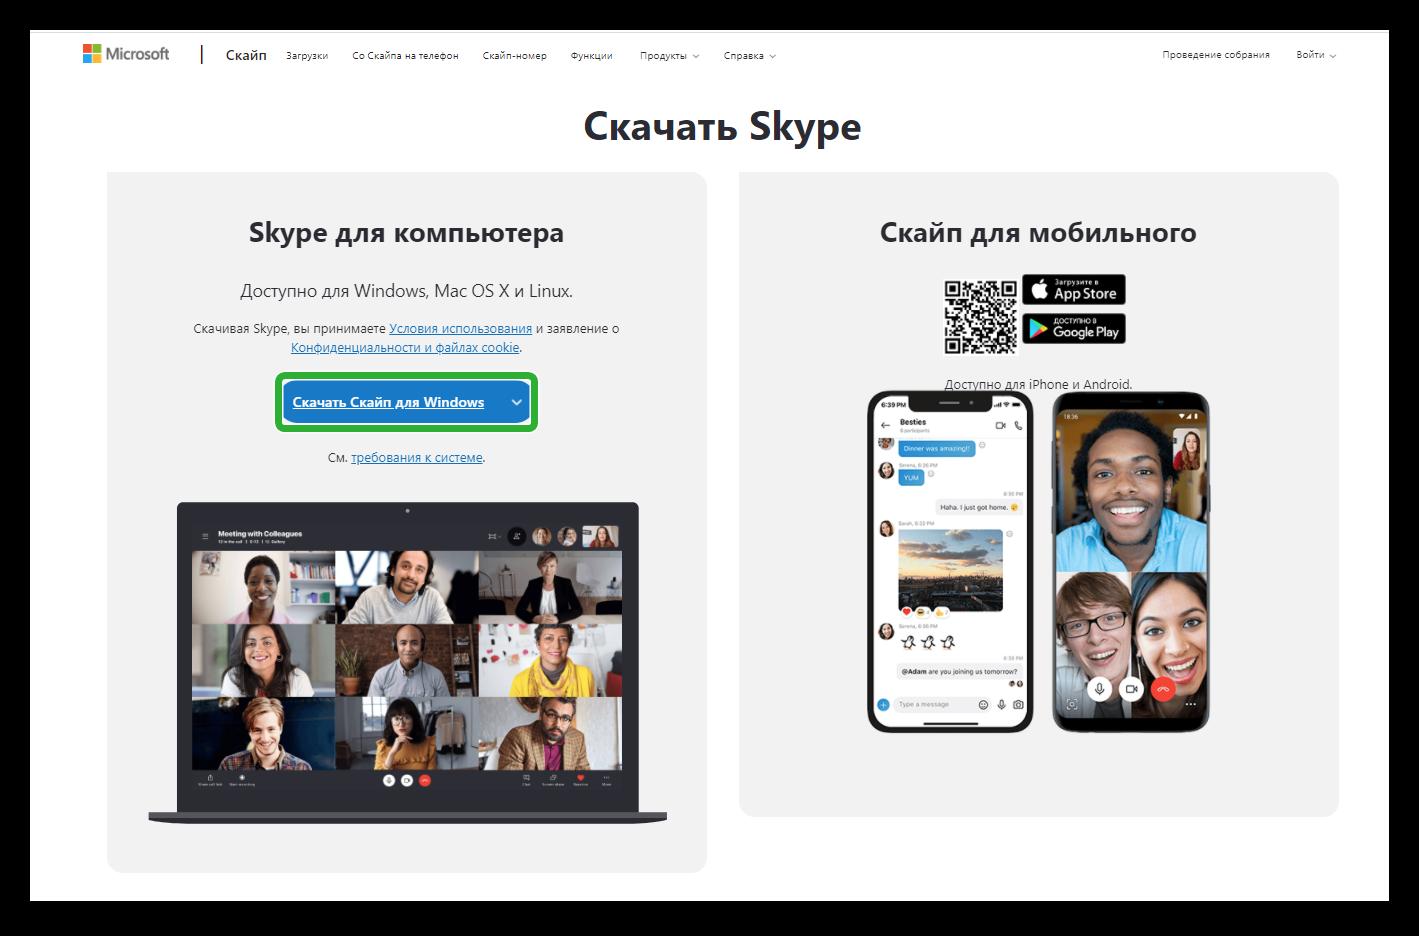 Скачать новую версию Скайп на официальном сайте